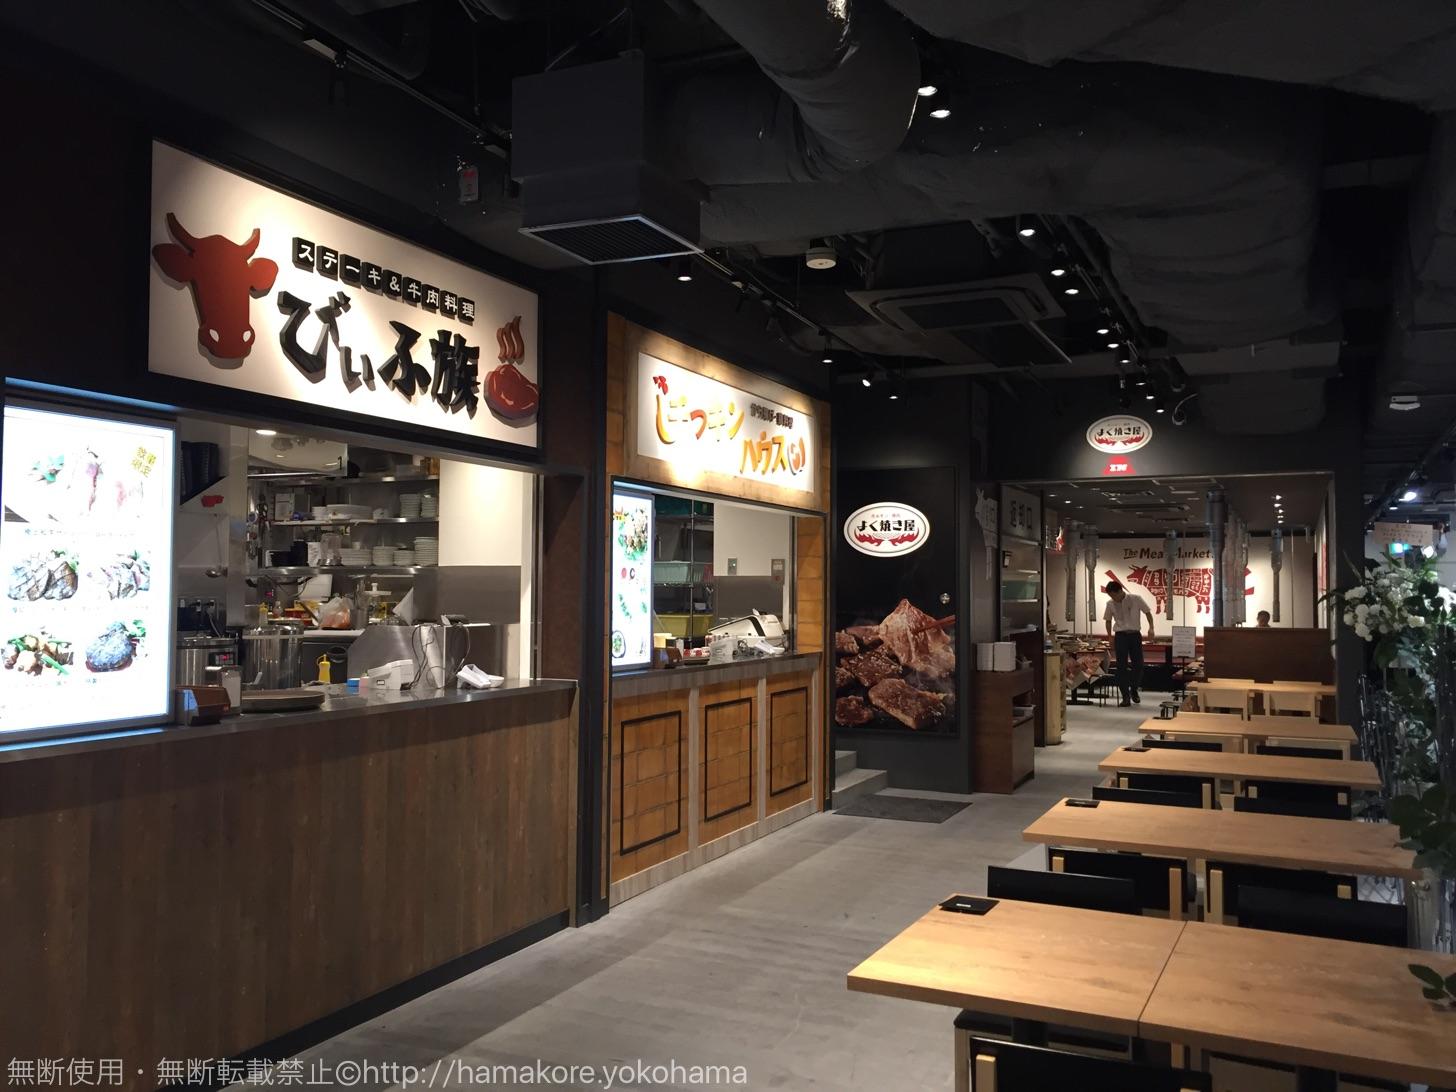 ヨドバシ横浜 地下レストラン街に新グルメが勢揃い!気になるグルメをまとめてみた